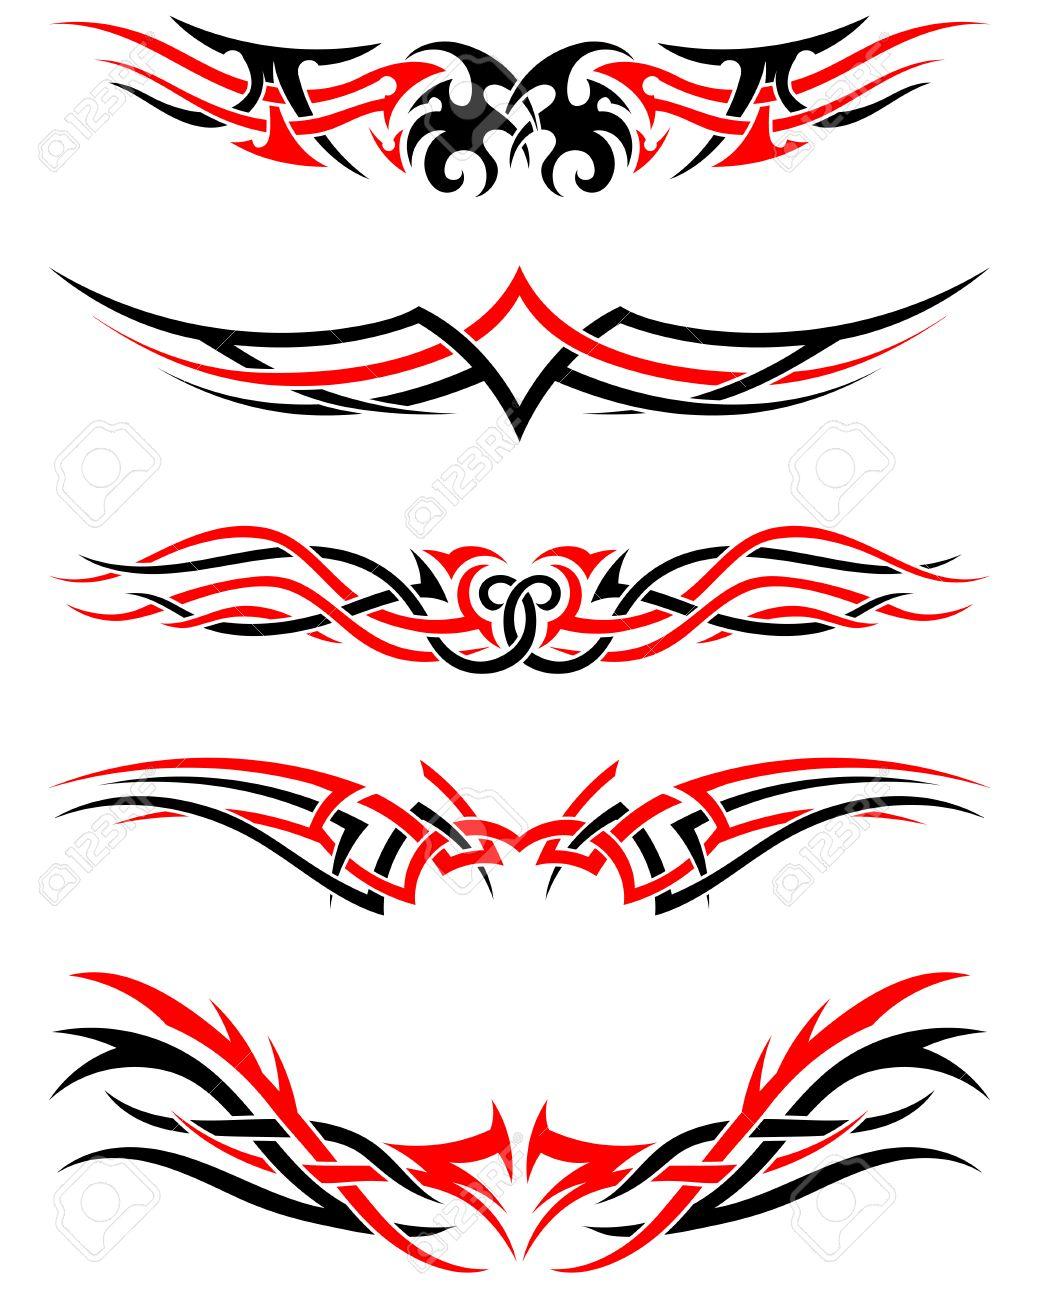 Conjunto De Tatuajes Tribales Indígenas En Colores Rojo Y Negro